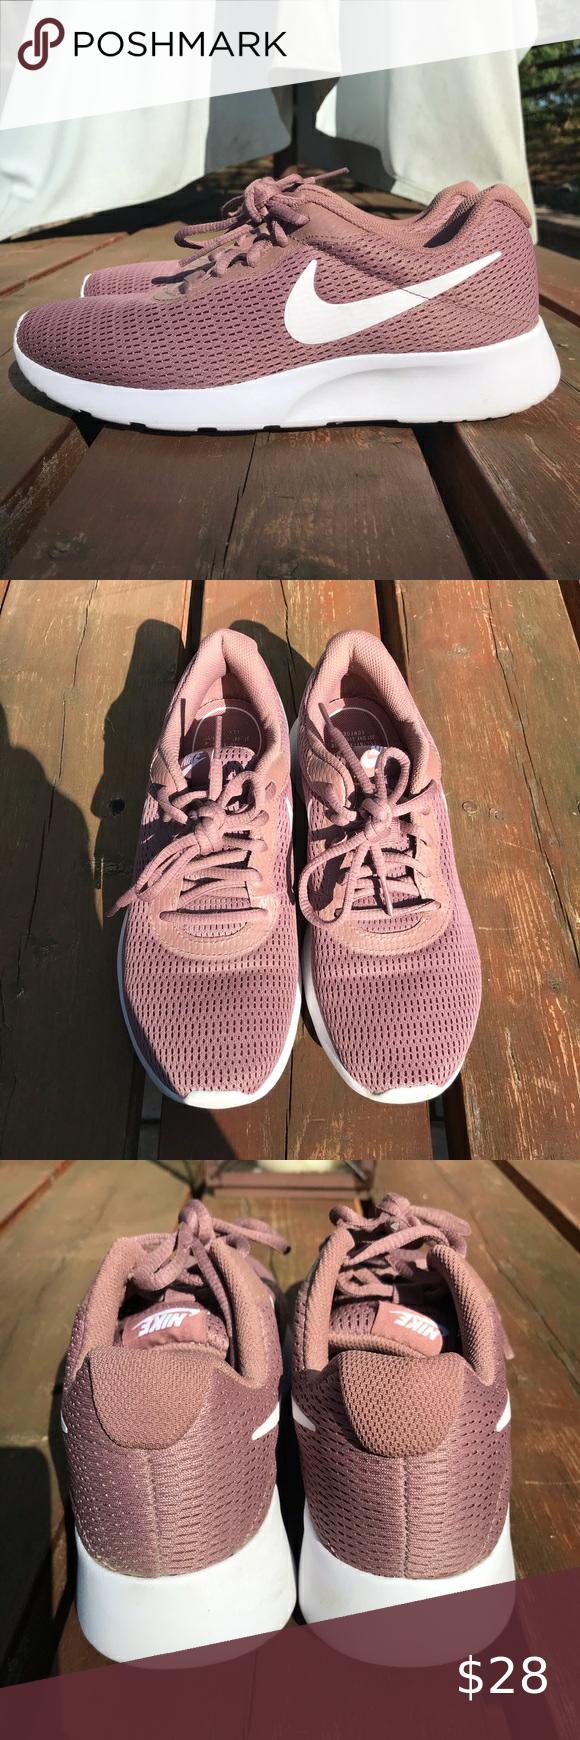 Nike sneakers women